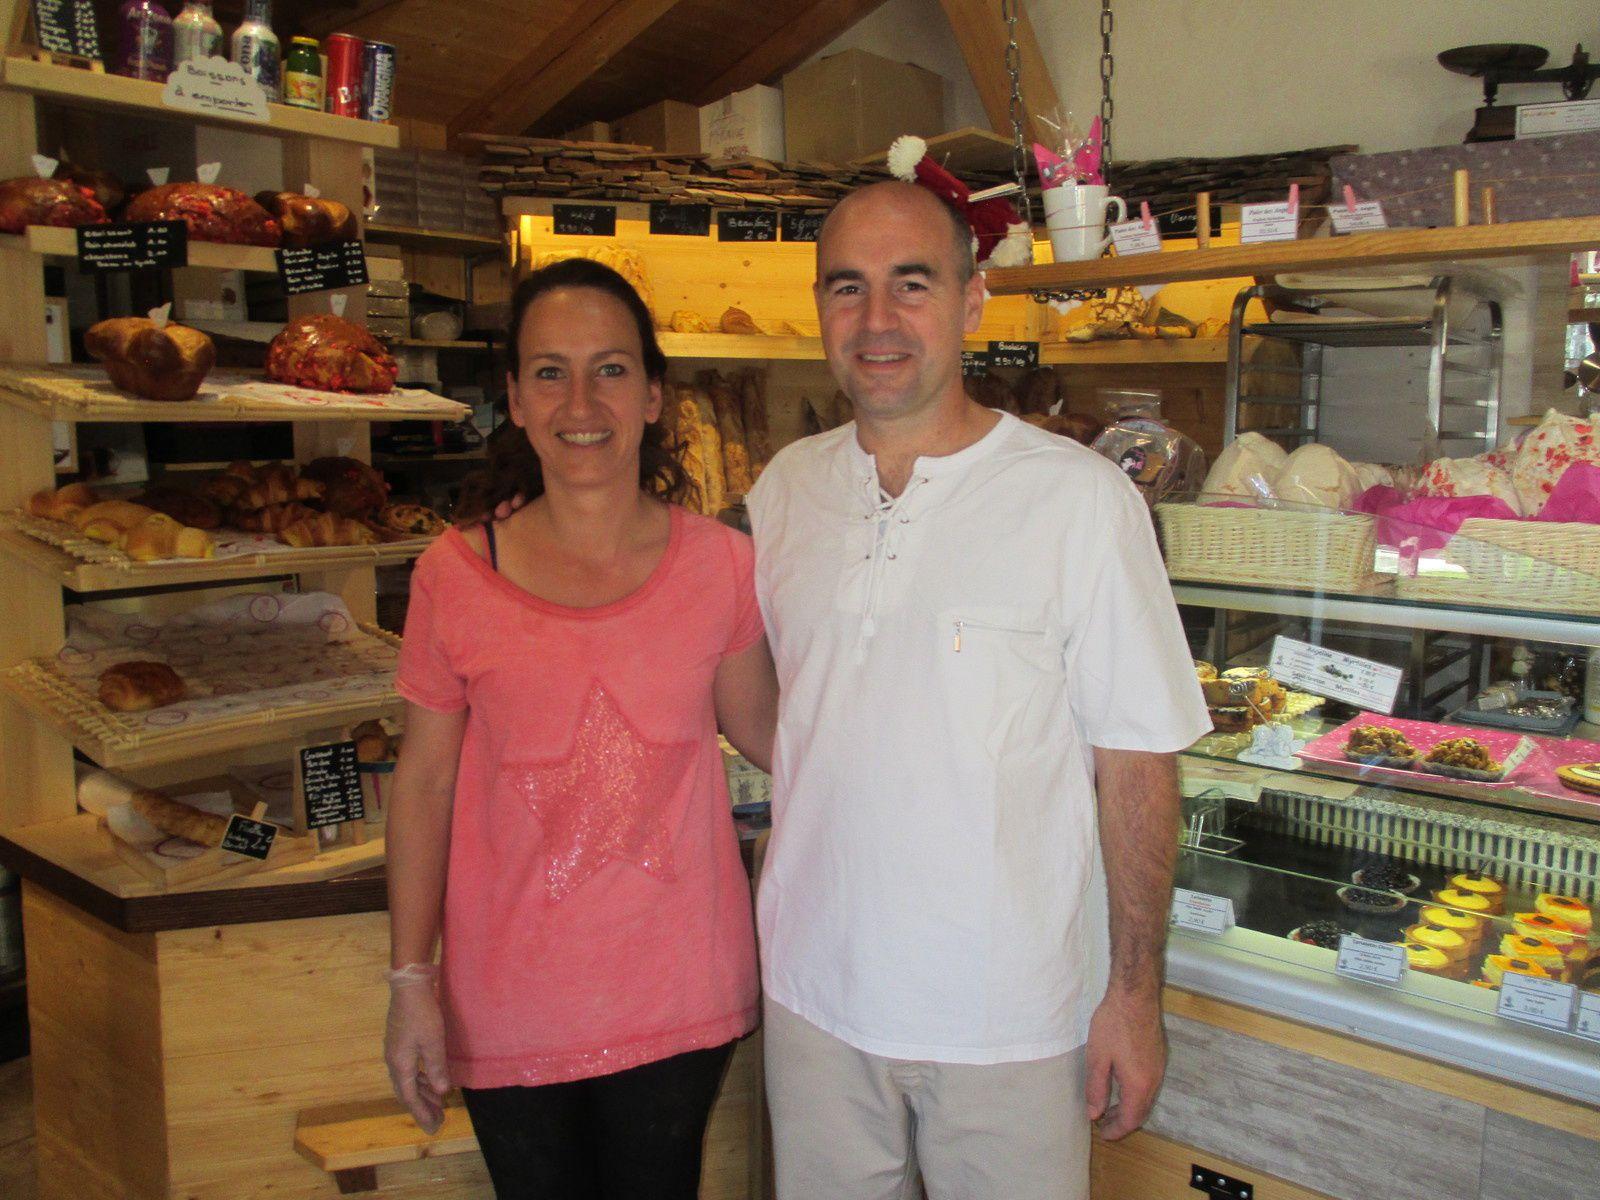 """Merci à Sonia et Sylvian DUBESSY de la Boulangerie Pâtisserie """"Au Sommet des Anges"""" 73590 Crest-Voland,qui apportent leur soutien au projet du Mémorial national des Vétérans des Essais Nucléaires"""